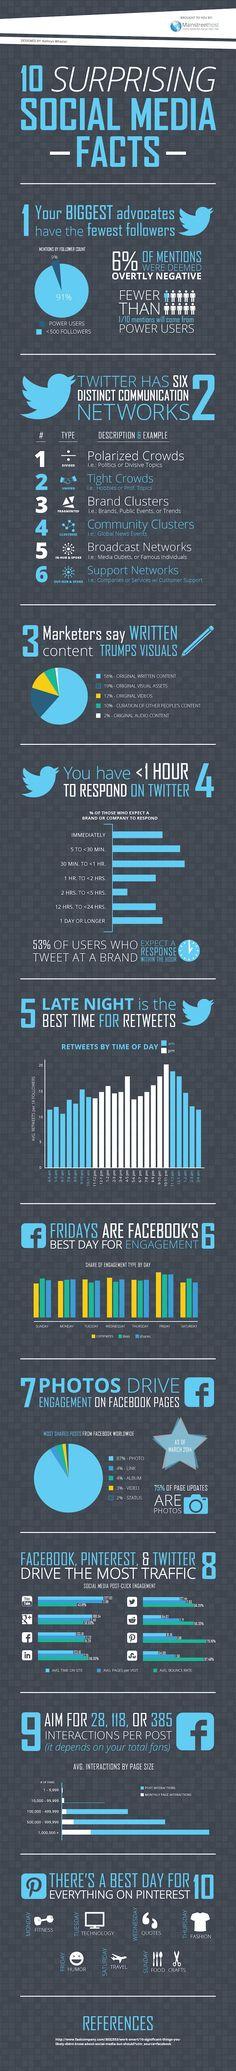 10 Surprising Social Media Facts